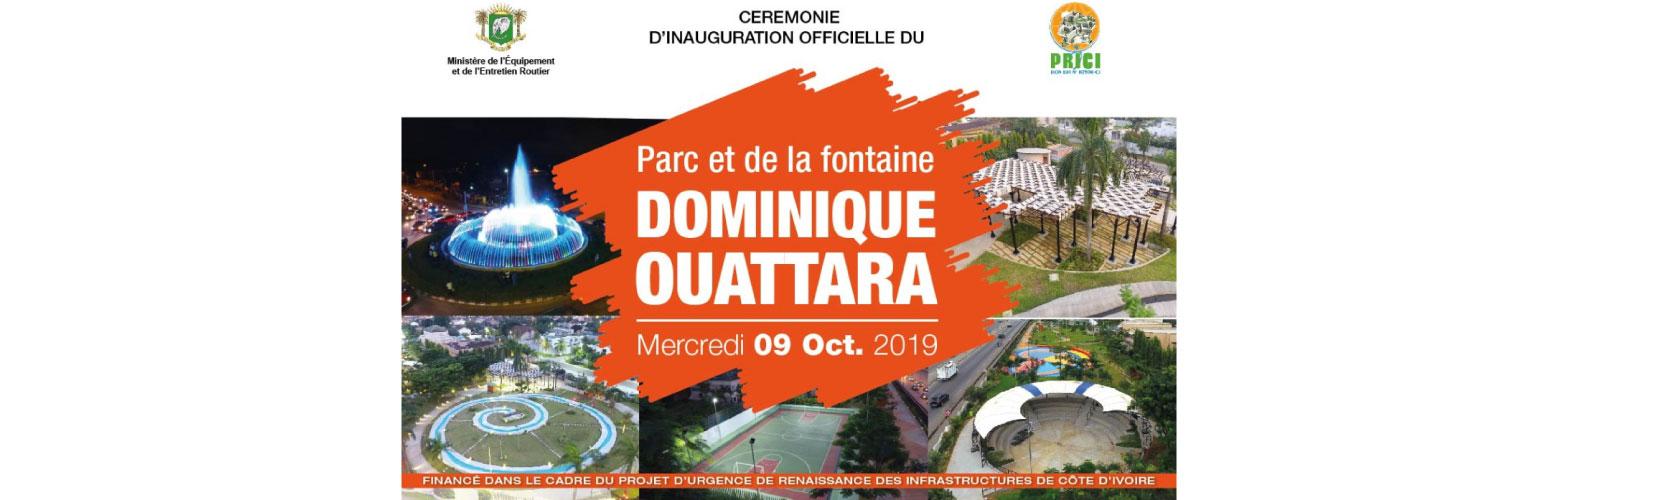 parc-fontaine-ouattara1